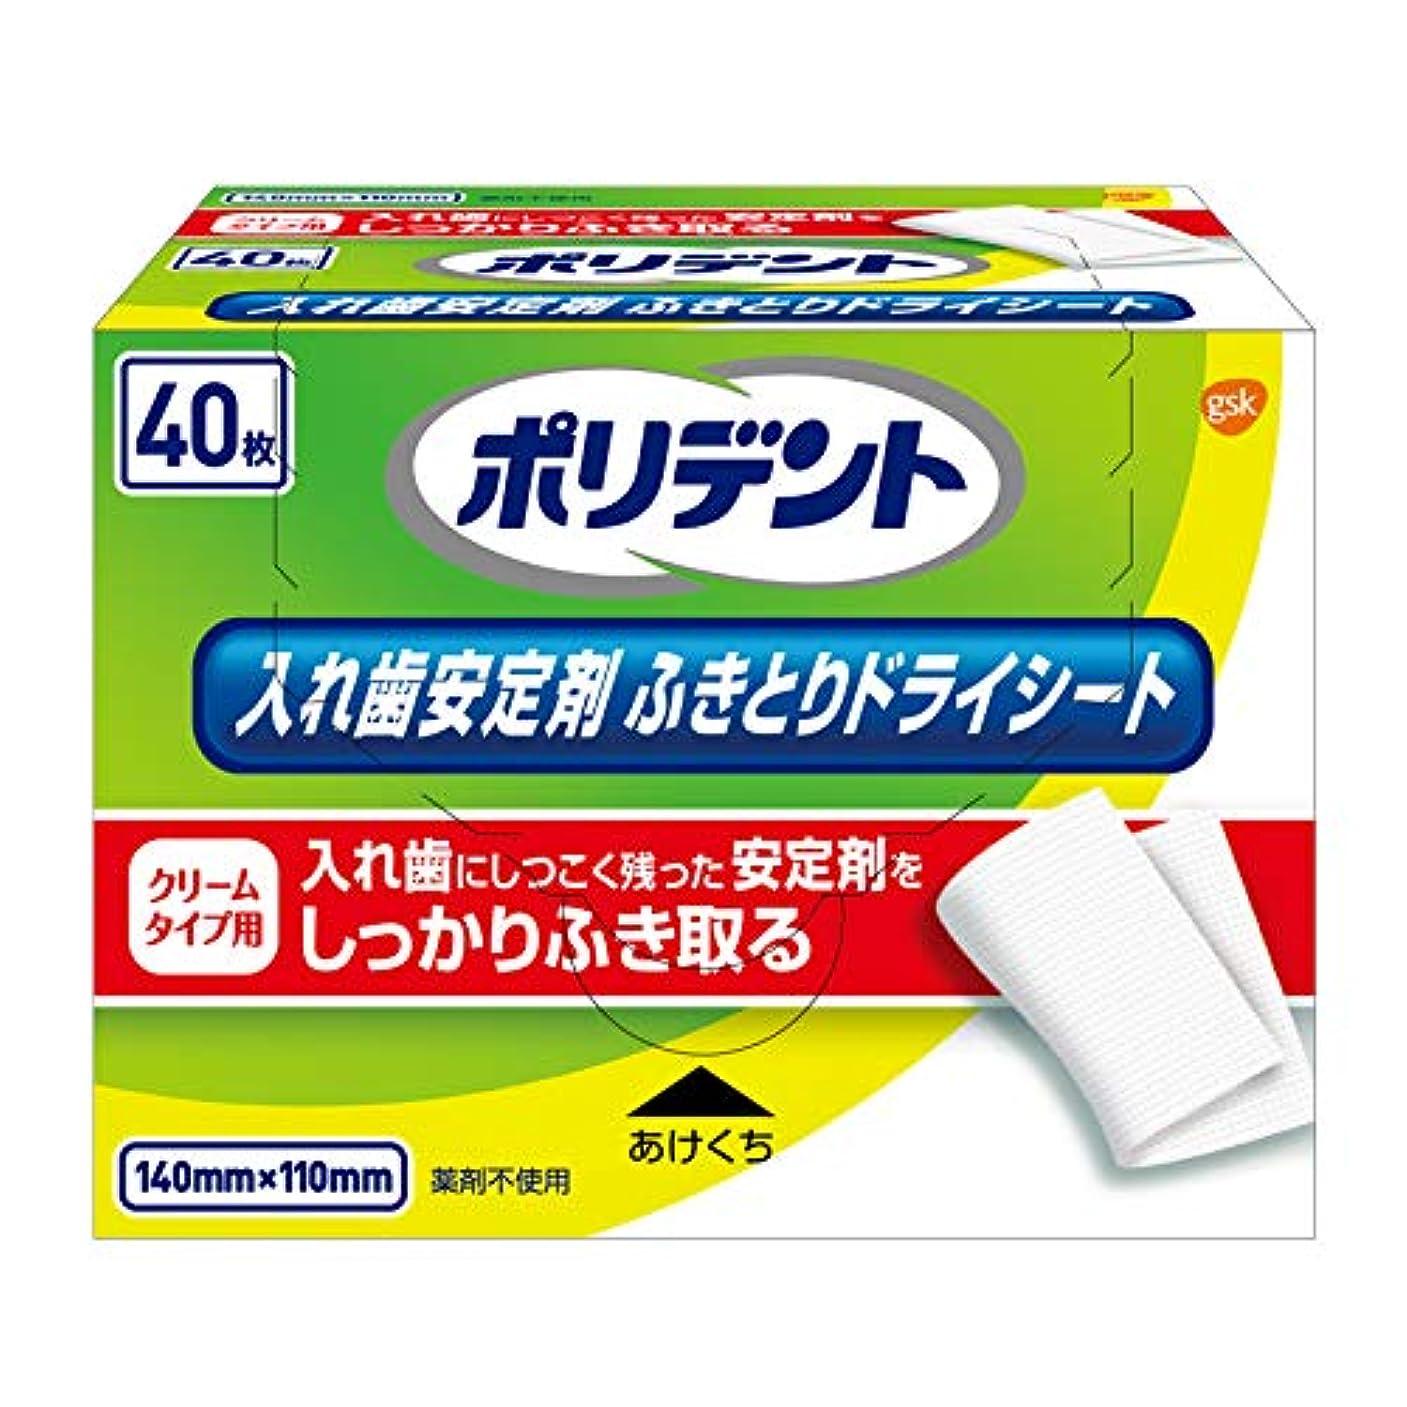 コンサルタントまだら報いるポリデント 入れ歯安定剤ふきとりドライシート 40枚